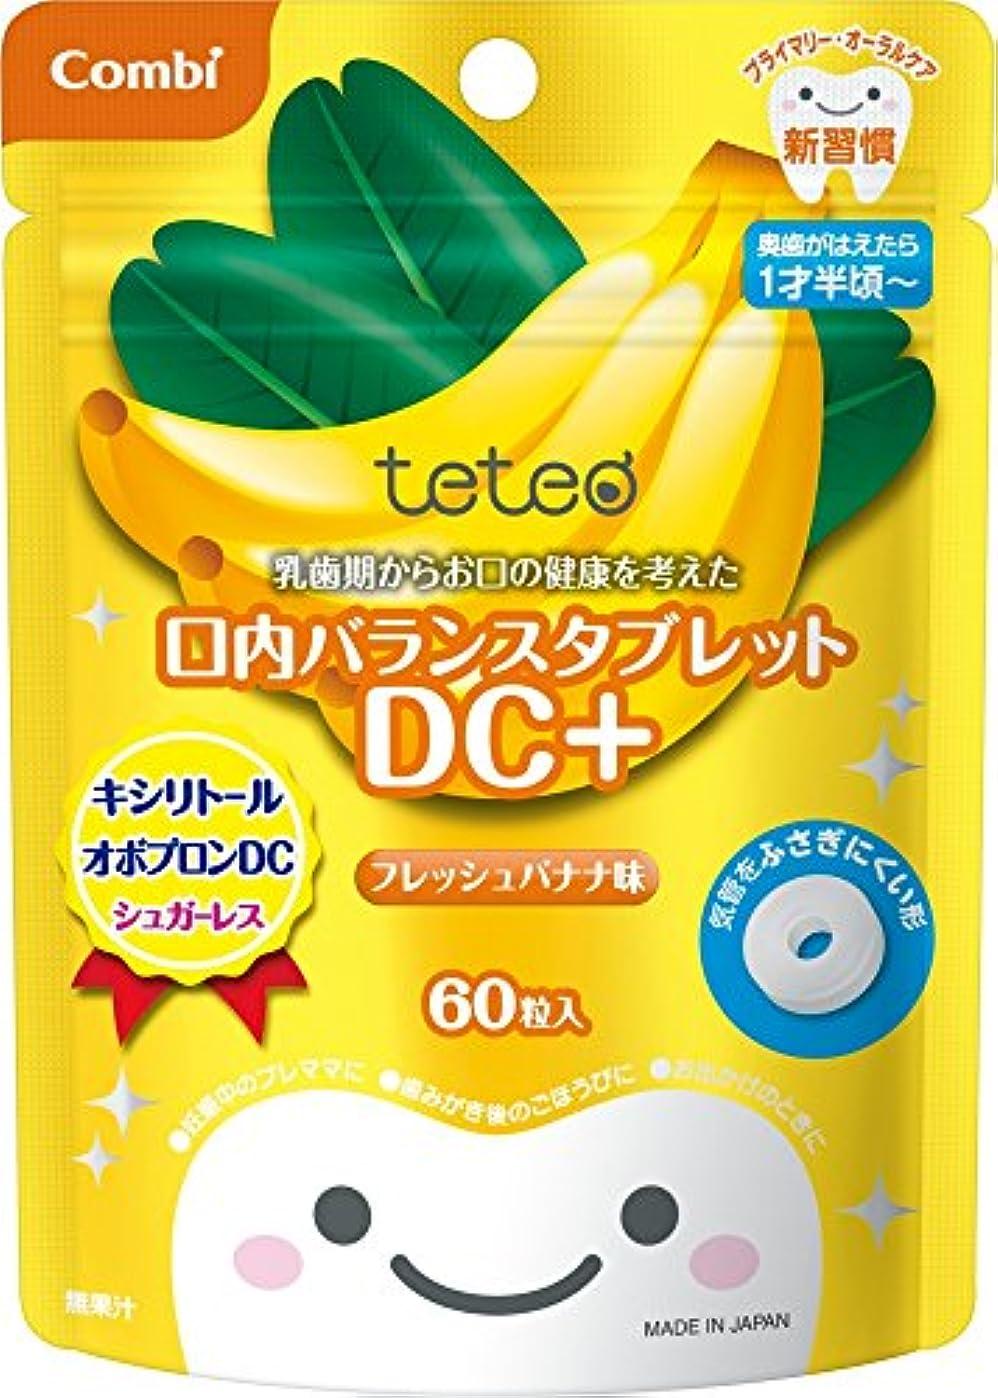 独立してポーンシャークコンビ テテオ 乳歯期からお口の健康を考えた口内バランスタブレット DC+ フレッシュバナナ味 60粒 【対象月齢:1才半頃~】